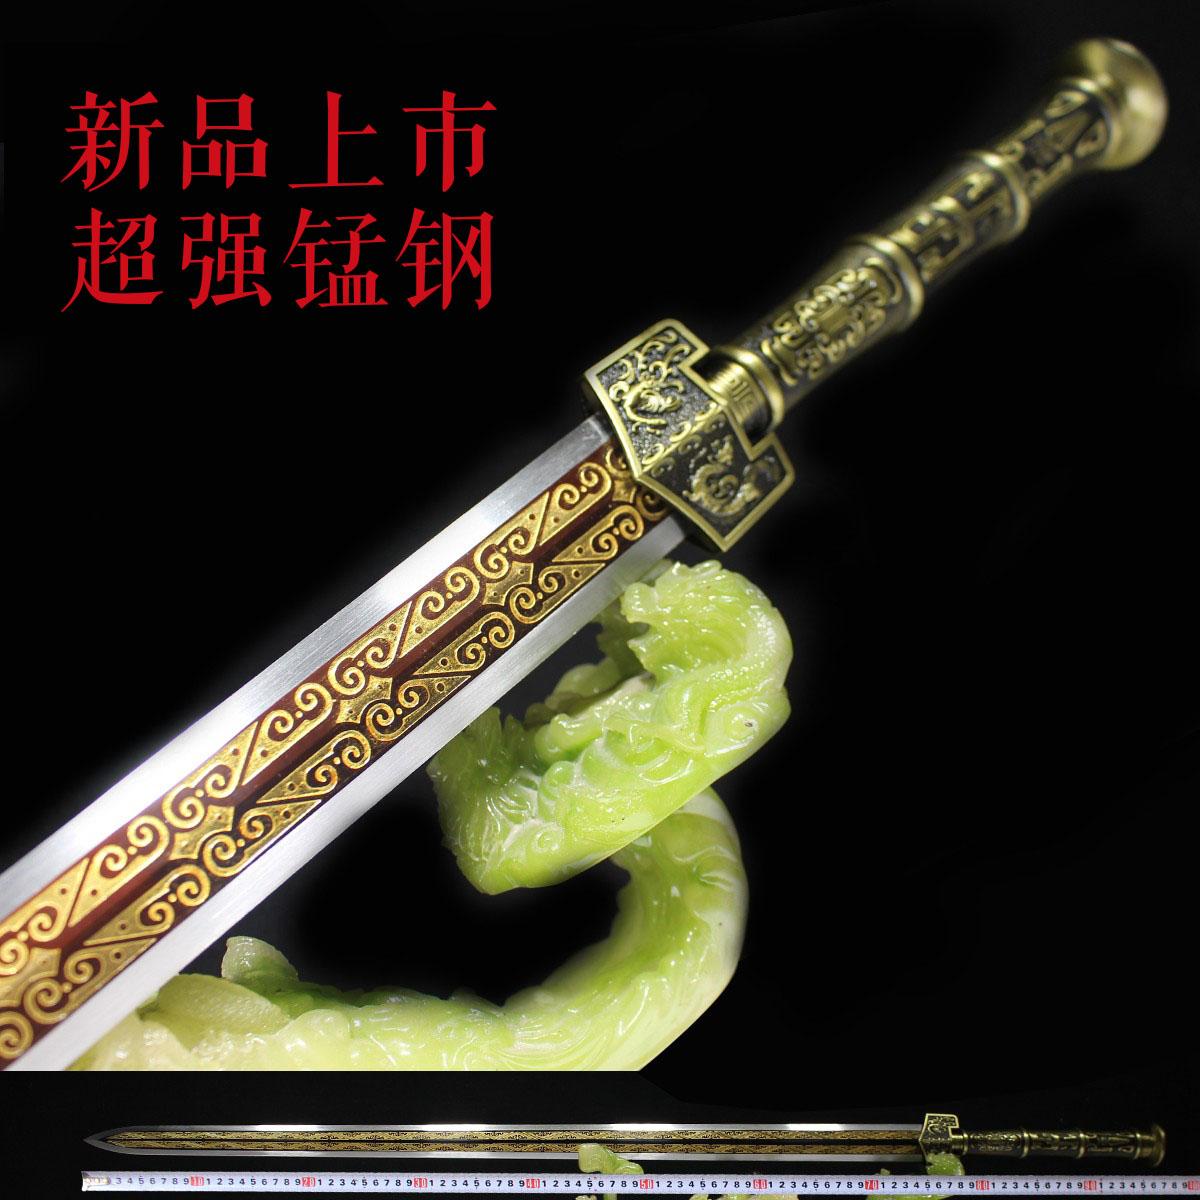 [宝剑刀剑八面汉剑镇宅剑长剑] ручная работа [唐剑一体剑古剑兵器未开刃]